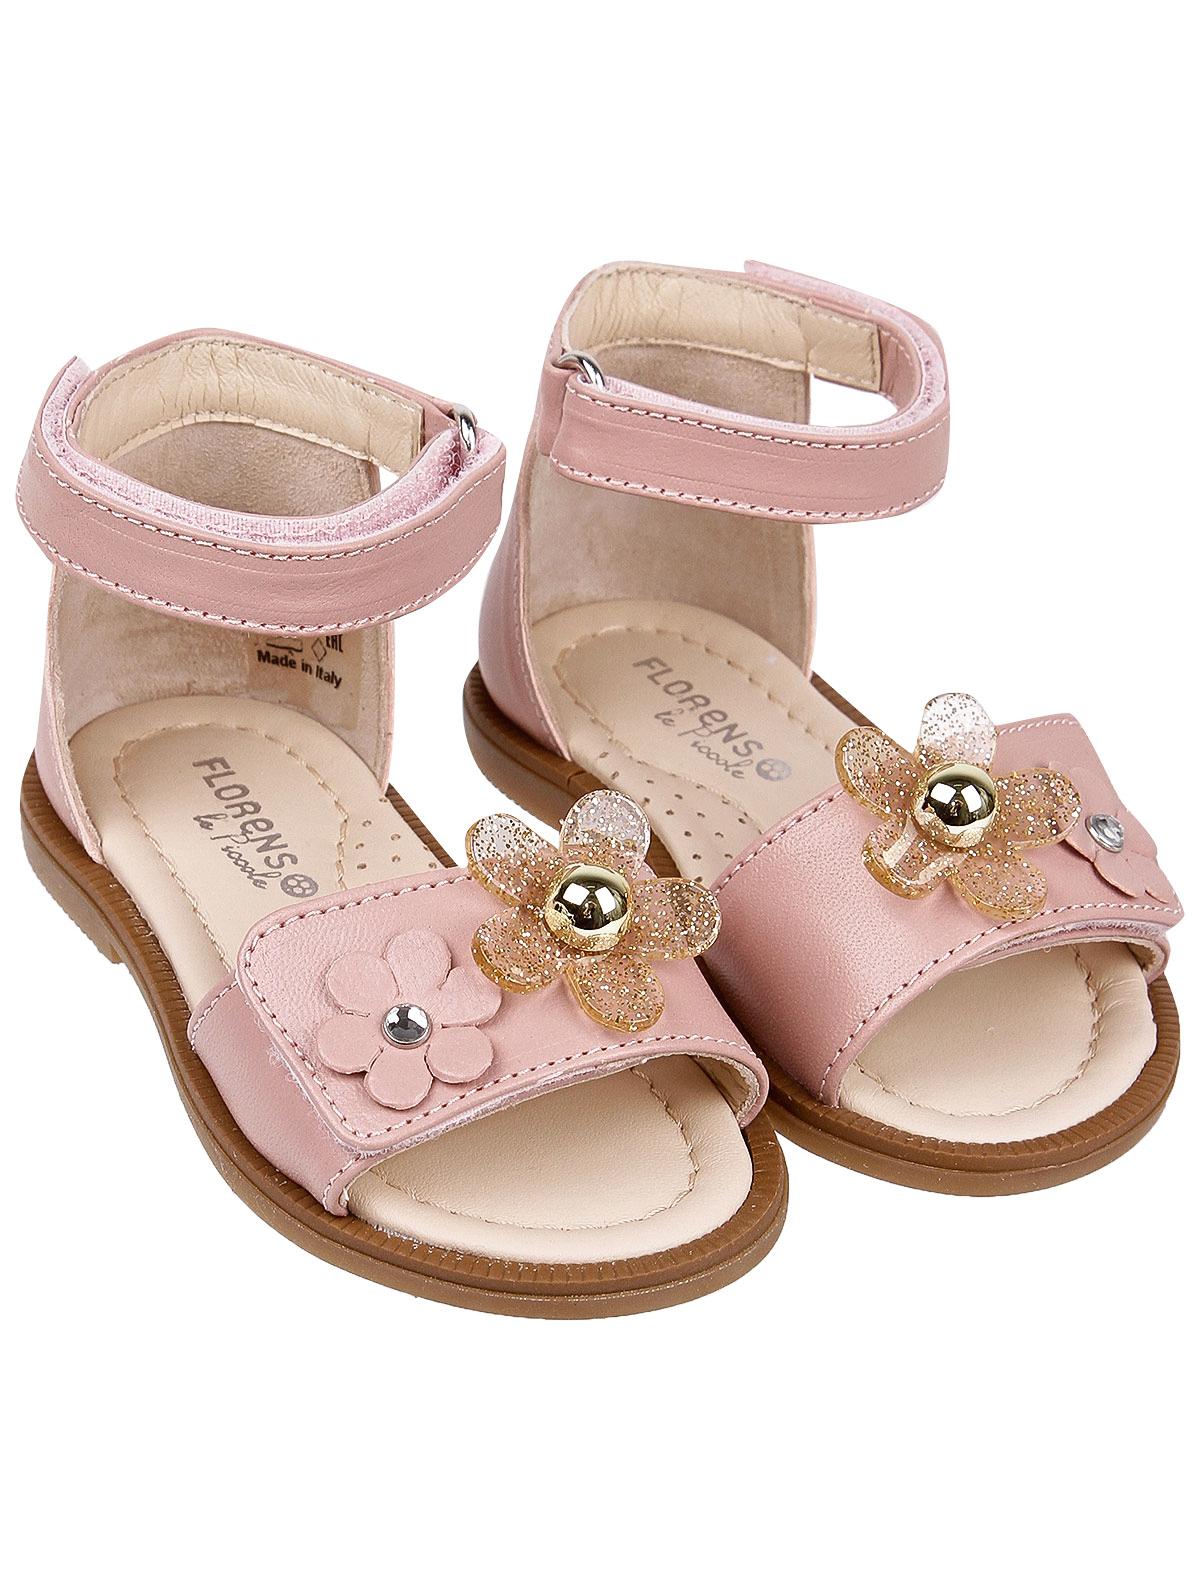 2197072, Босоножки Florens, розовый, Женский, 2164509072512  - купить со скидкой